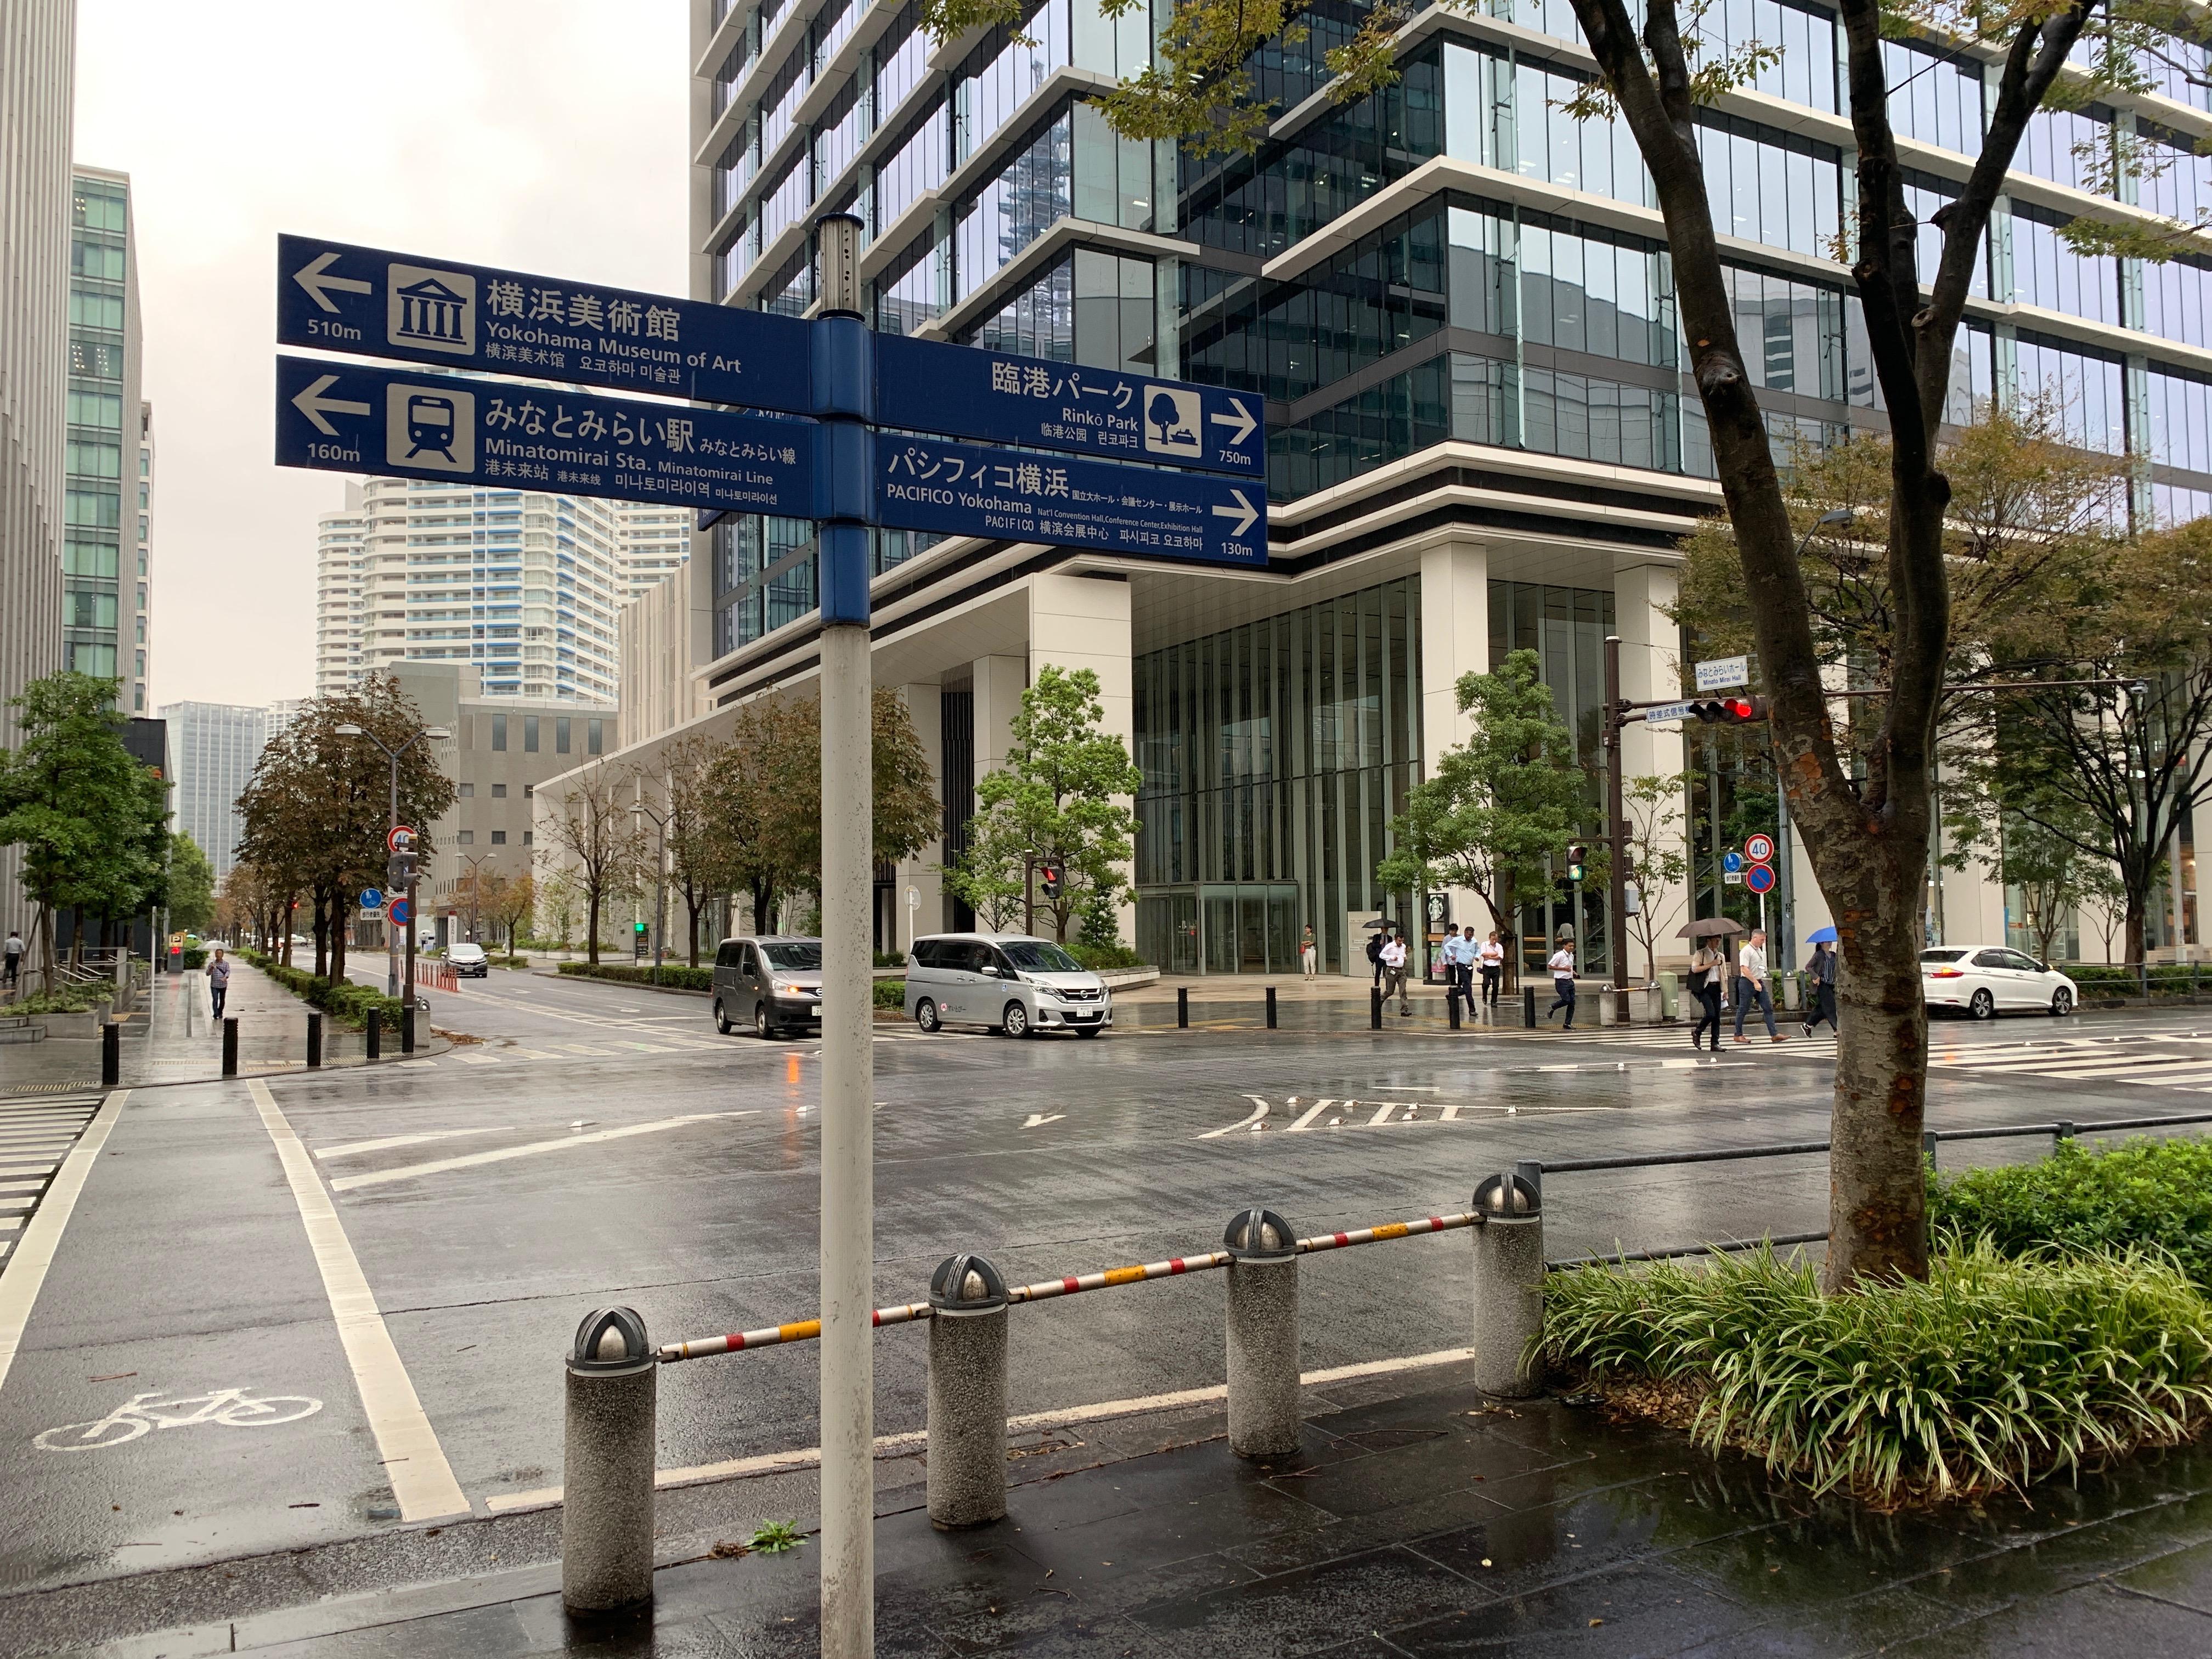 05.道路側に写真のような標識が立っているT字路があります。